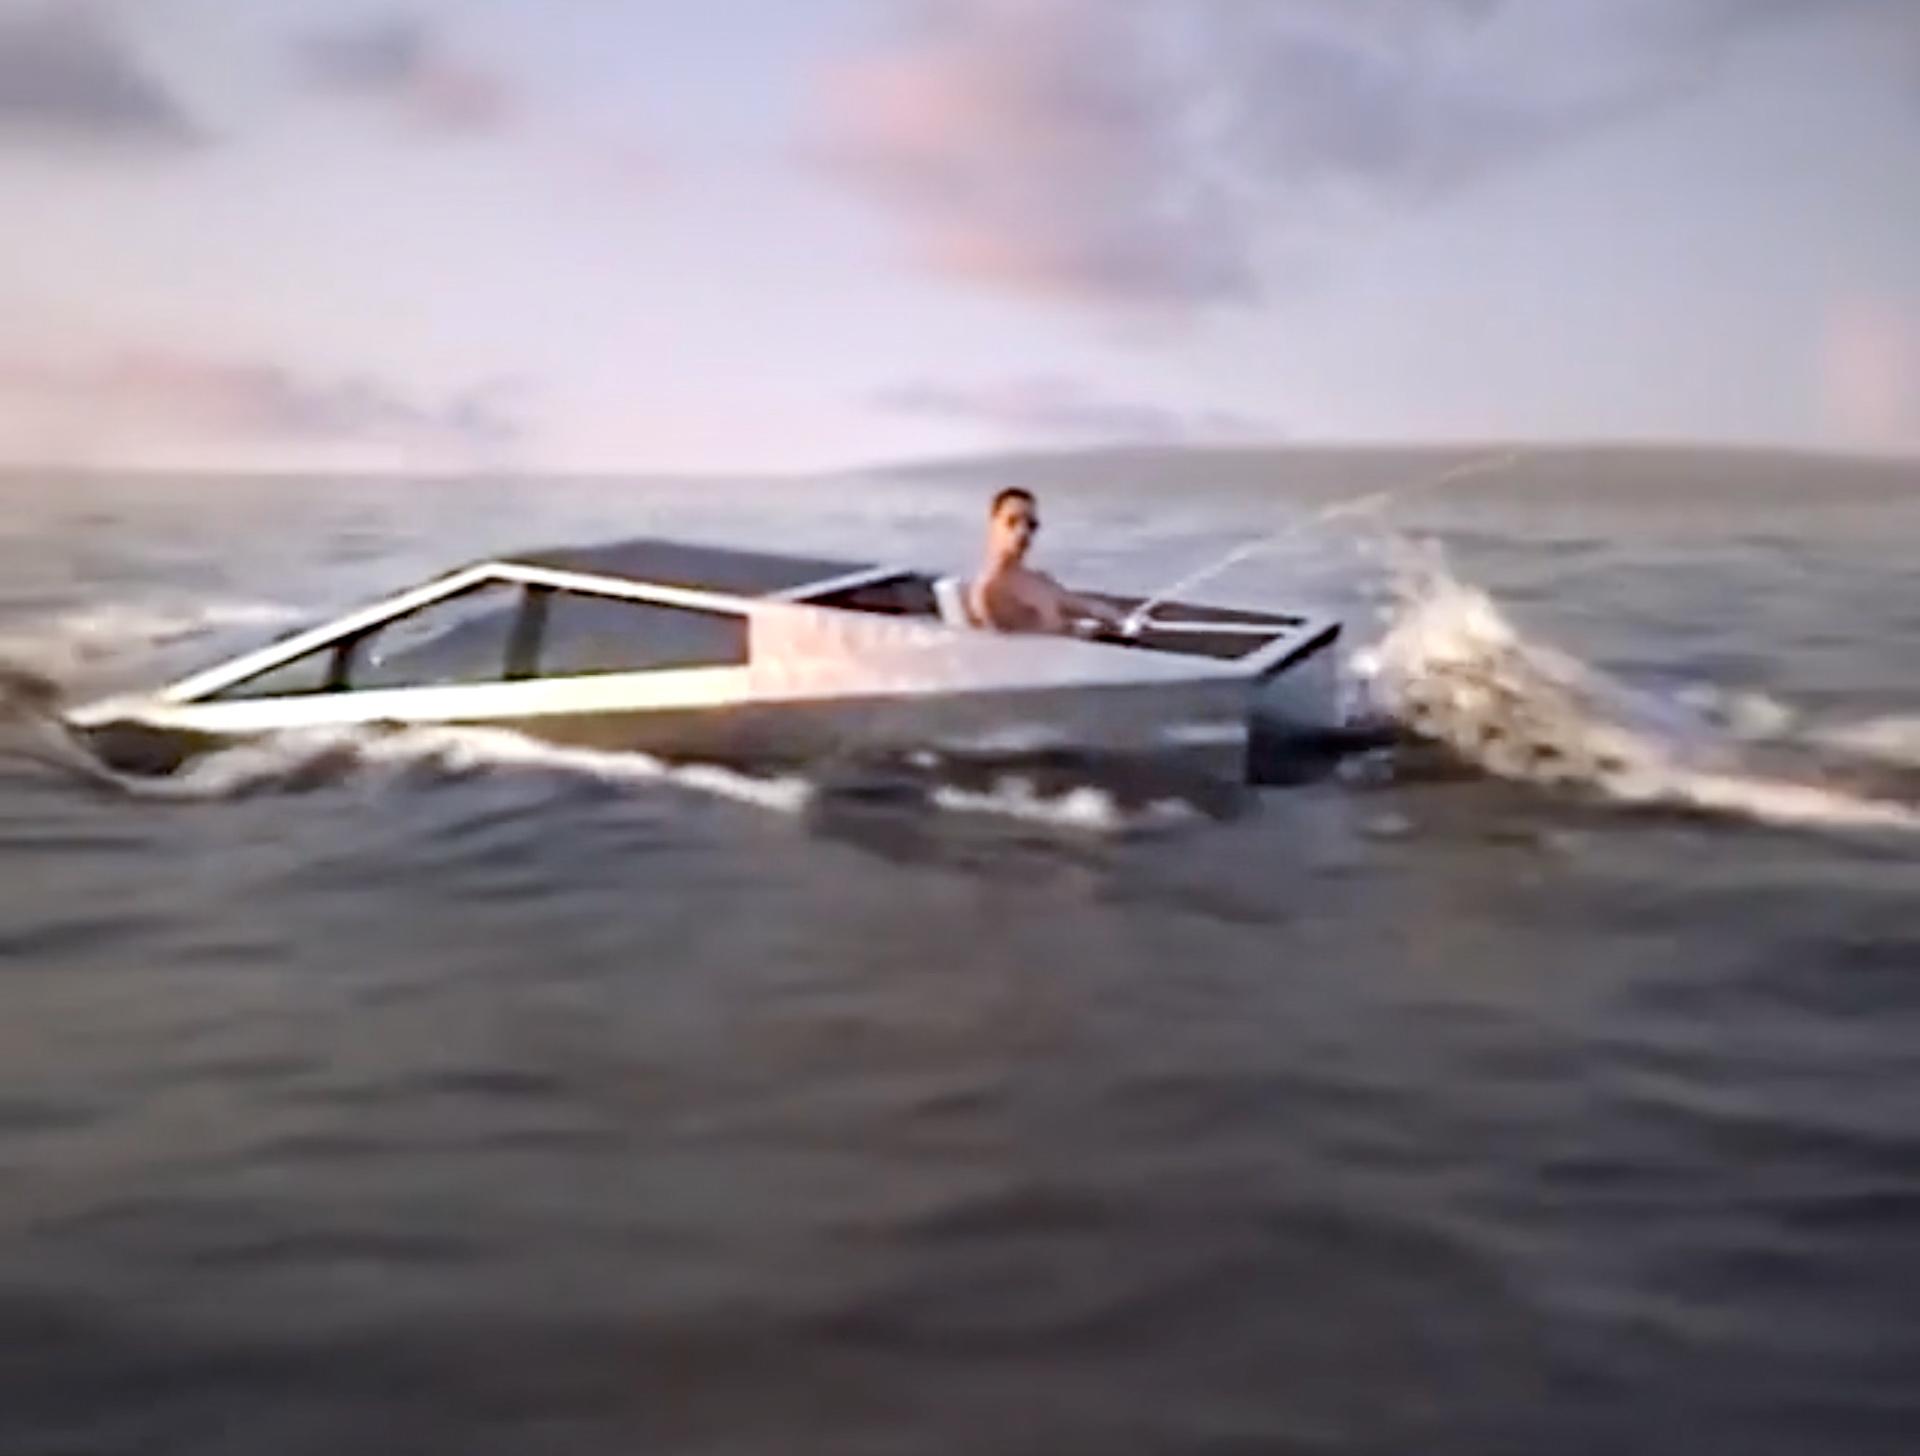 В интернете опубликован анимационный ролик, где пикап Tesla Cybertruck плывёт по реке, а в кузове сидит рыбак с удочкой. Илон Маск прокомментировал видео словами «Думаю, мы в состоянии сделать это».